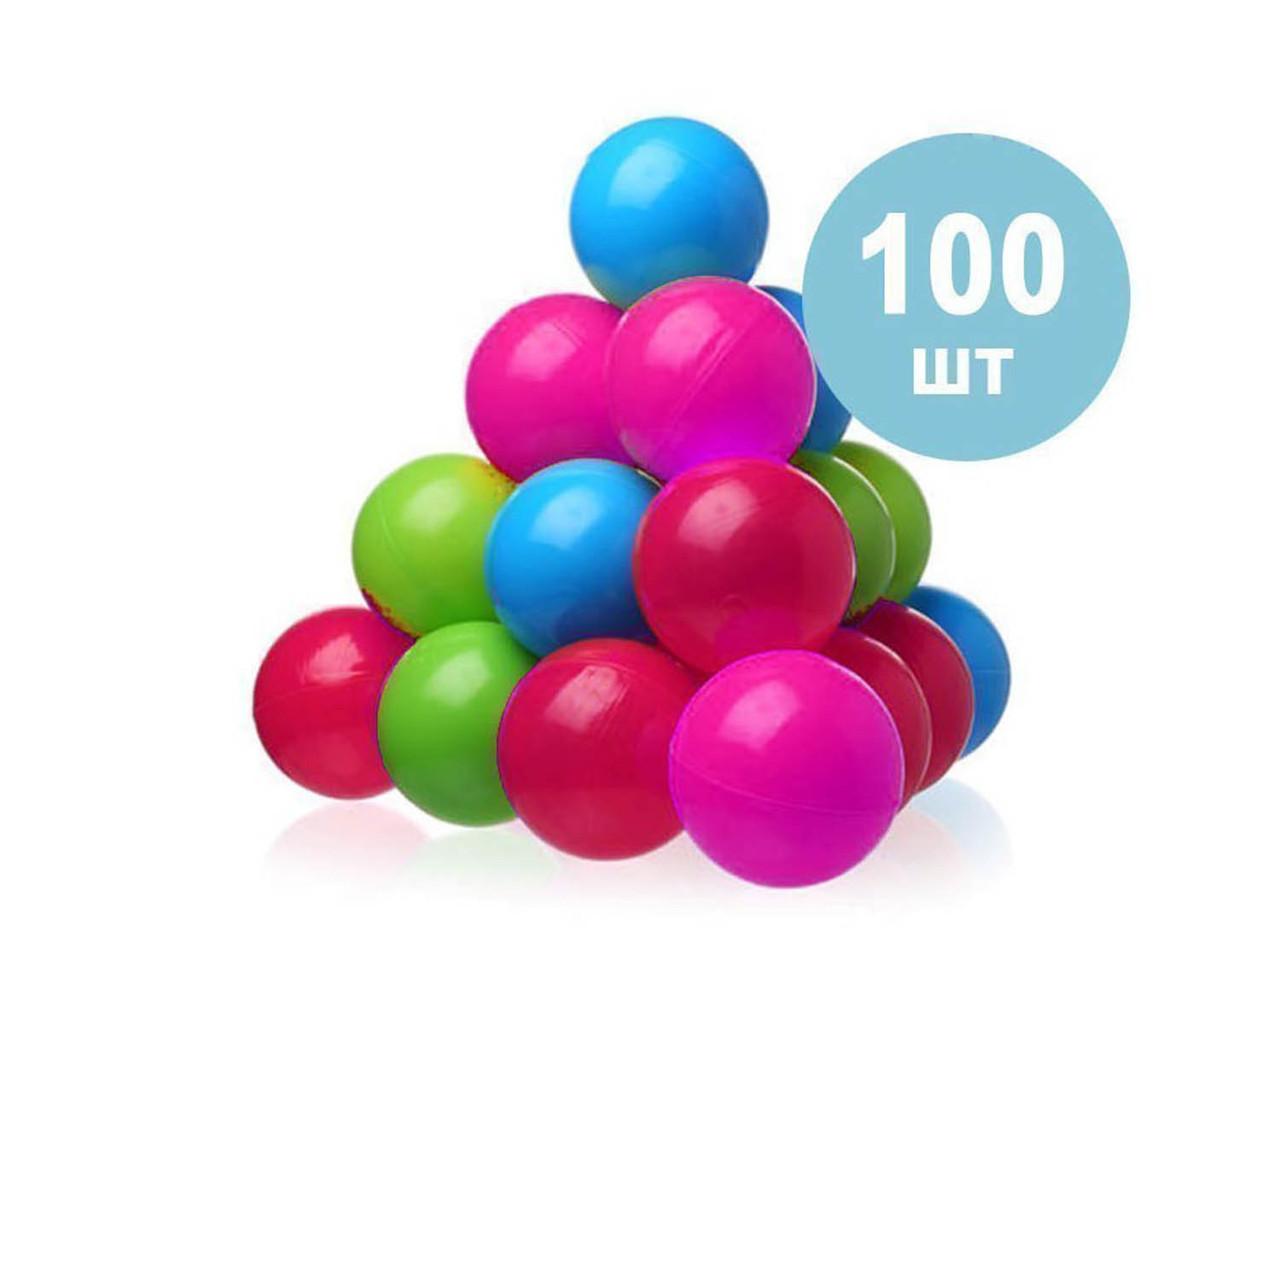 Детские шарики для сухого бассейна Intex 48100, 100 шт